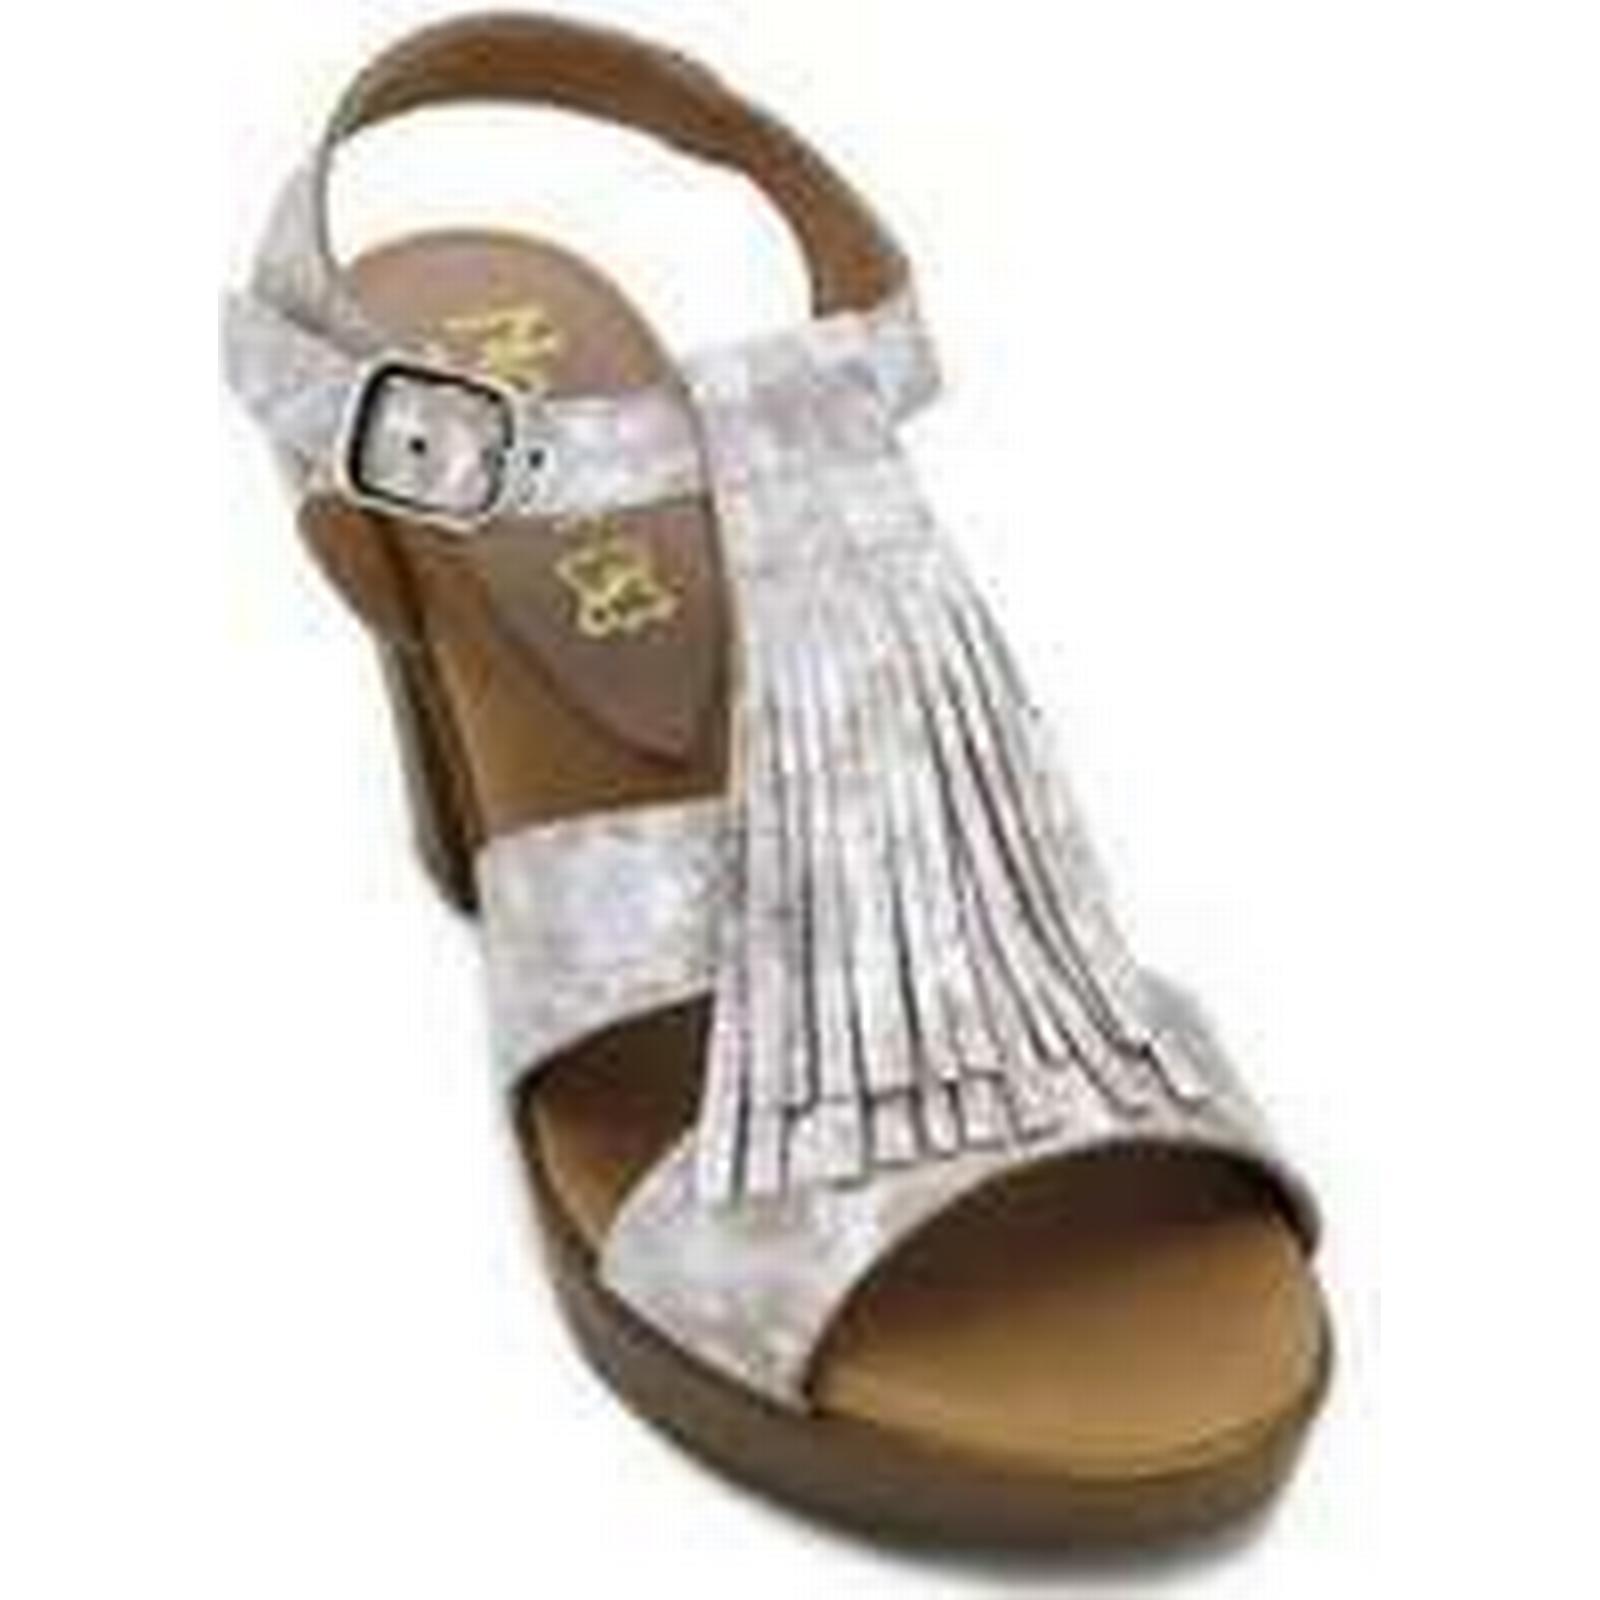 Spartoo.co.uk Calzados women's Vesga Noelia M1713P Women's Sandals women's Calzados Sandals in Beige 1ff5da